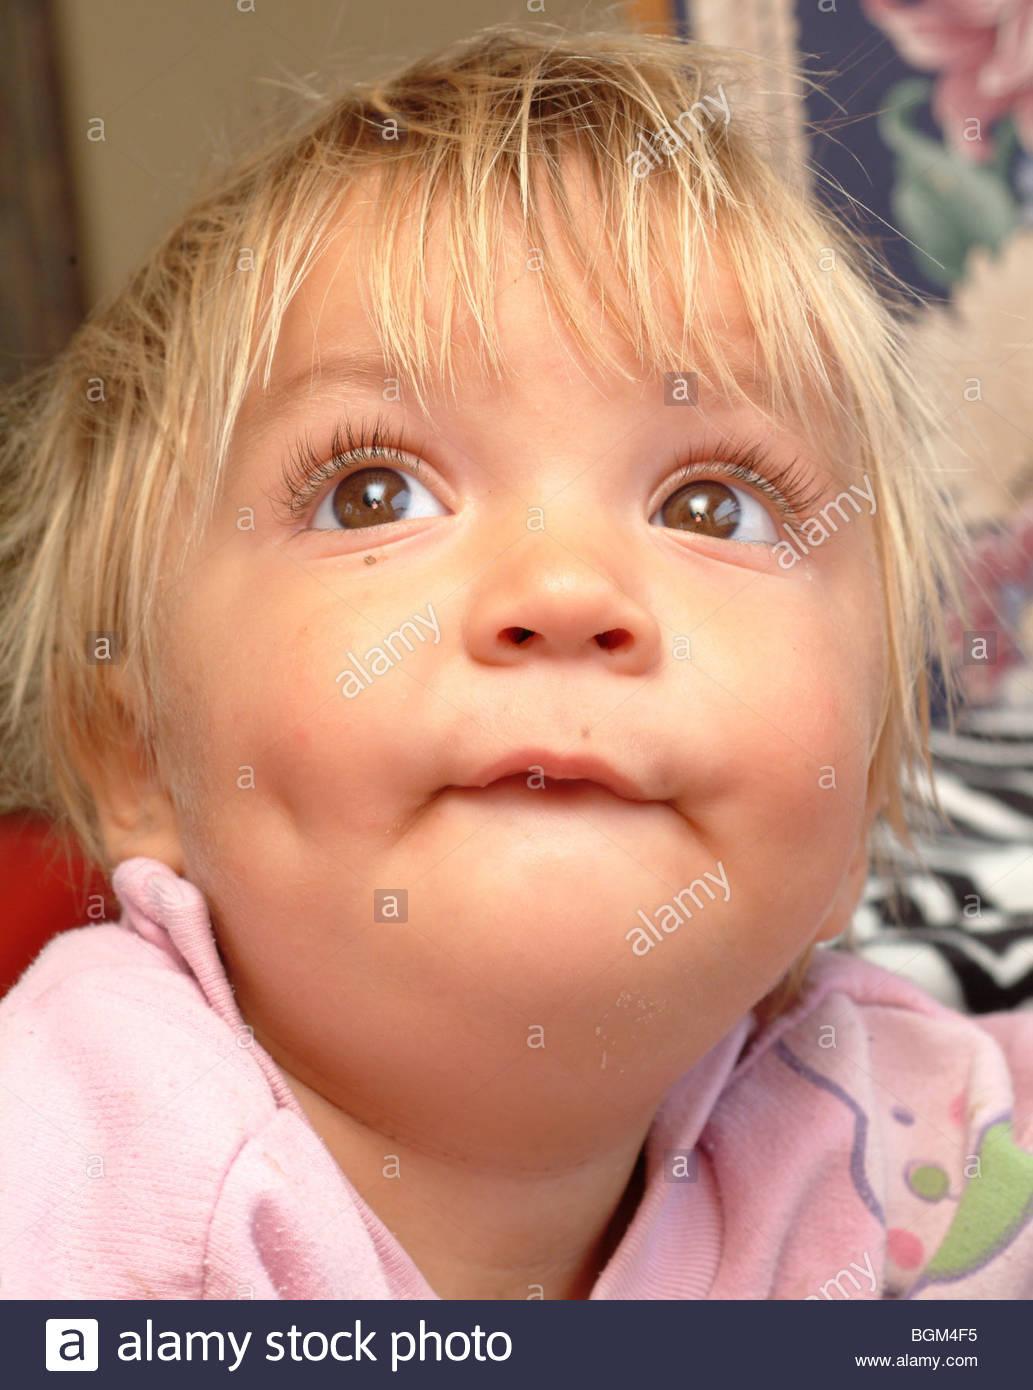 Kleinkind Kind Junge Gesicht Porträt Nachschlagen Braune Augen